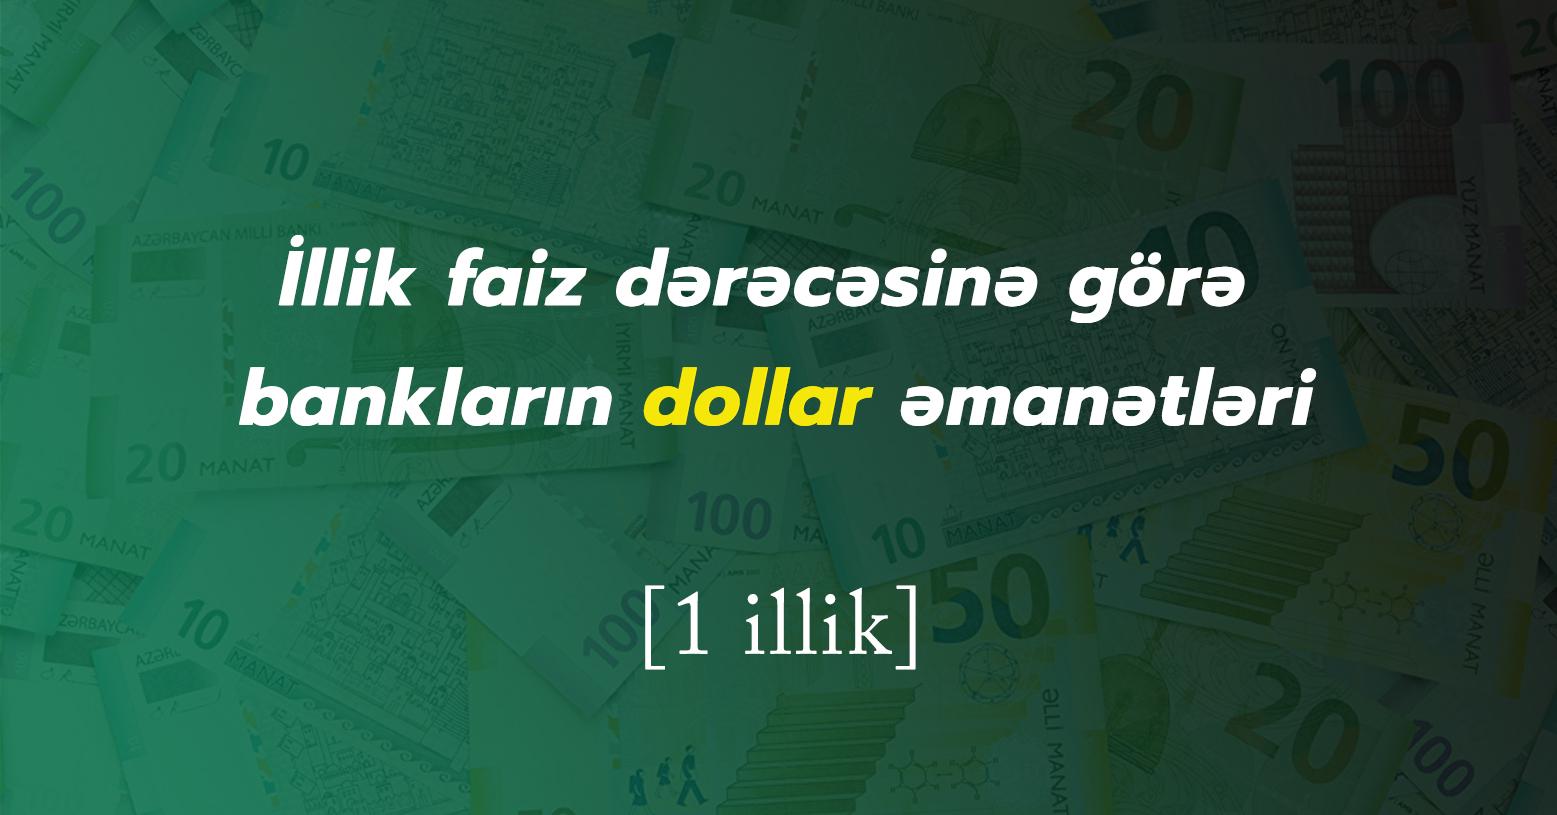 Dollar əmanəti hansı banklarda daha sərfəlidir? - Sentyabr 2021